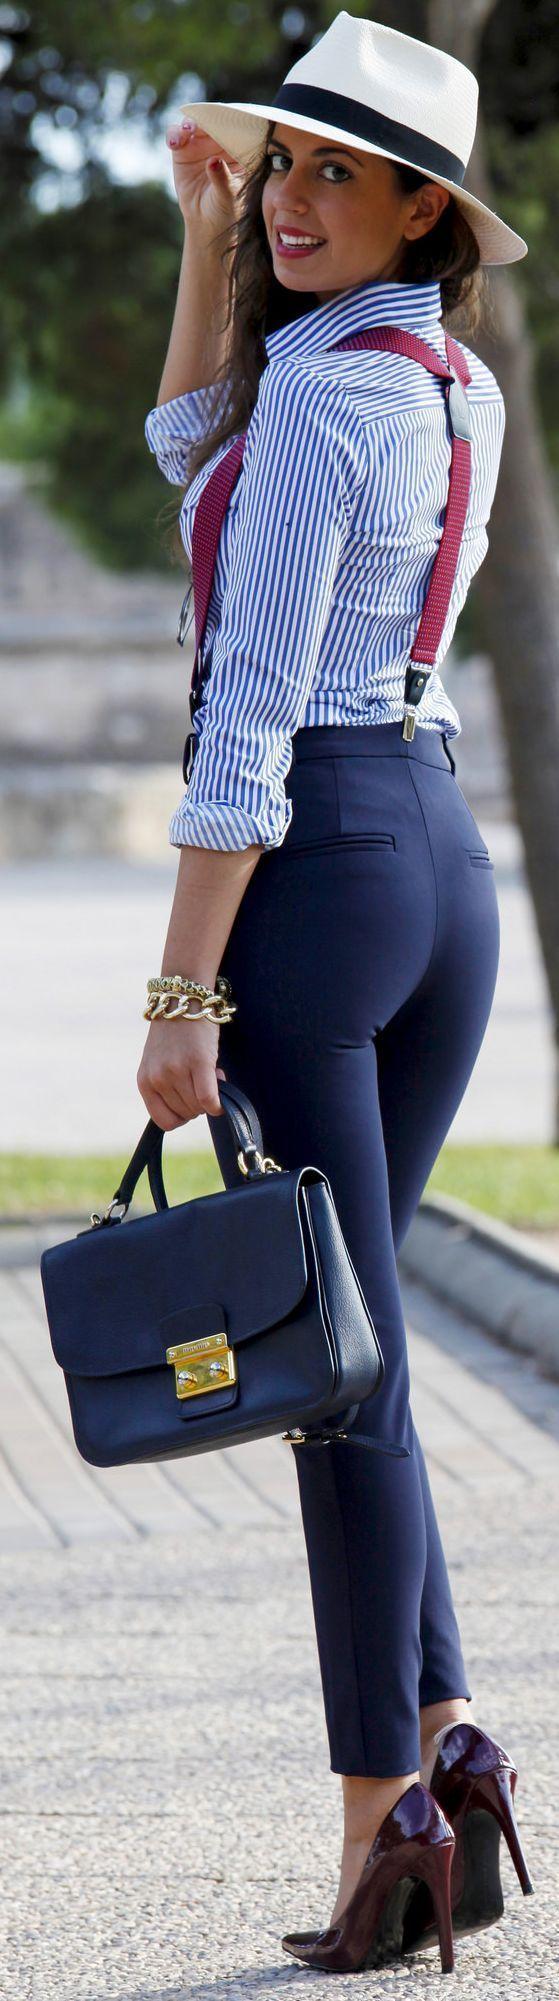 I'm getting a pair  #Fashion #Style #Sexy #Moda #Cute #Lovely #FashionWear